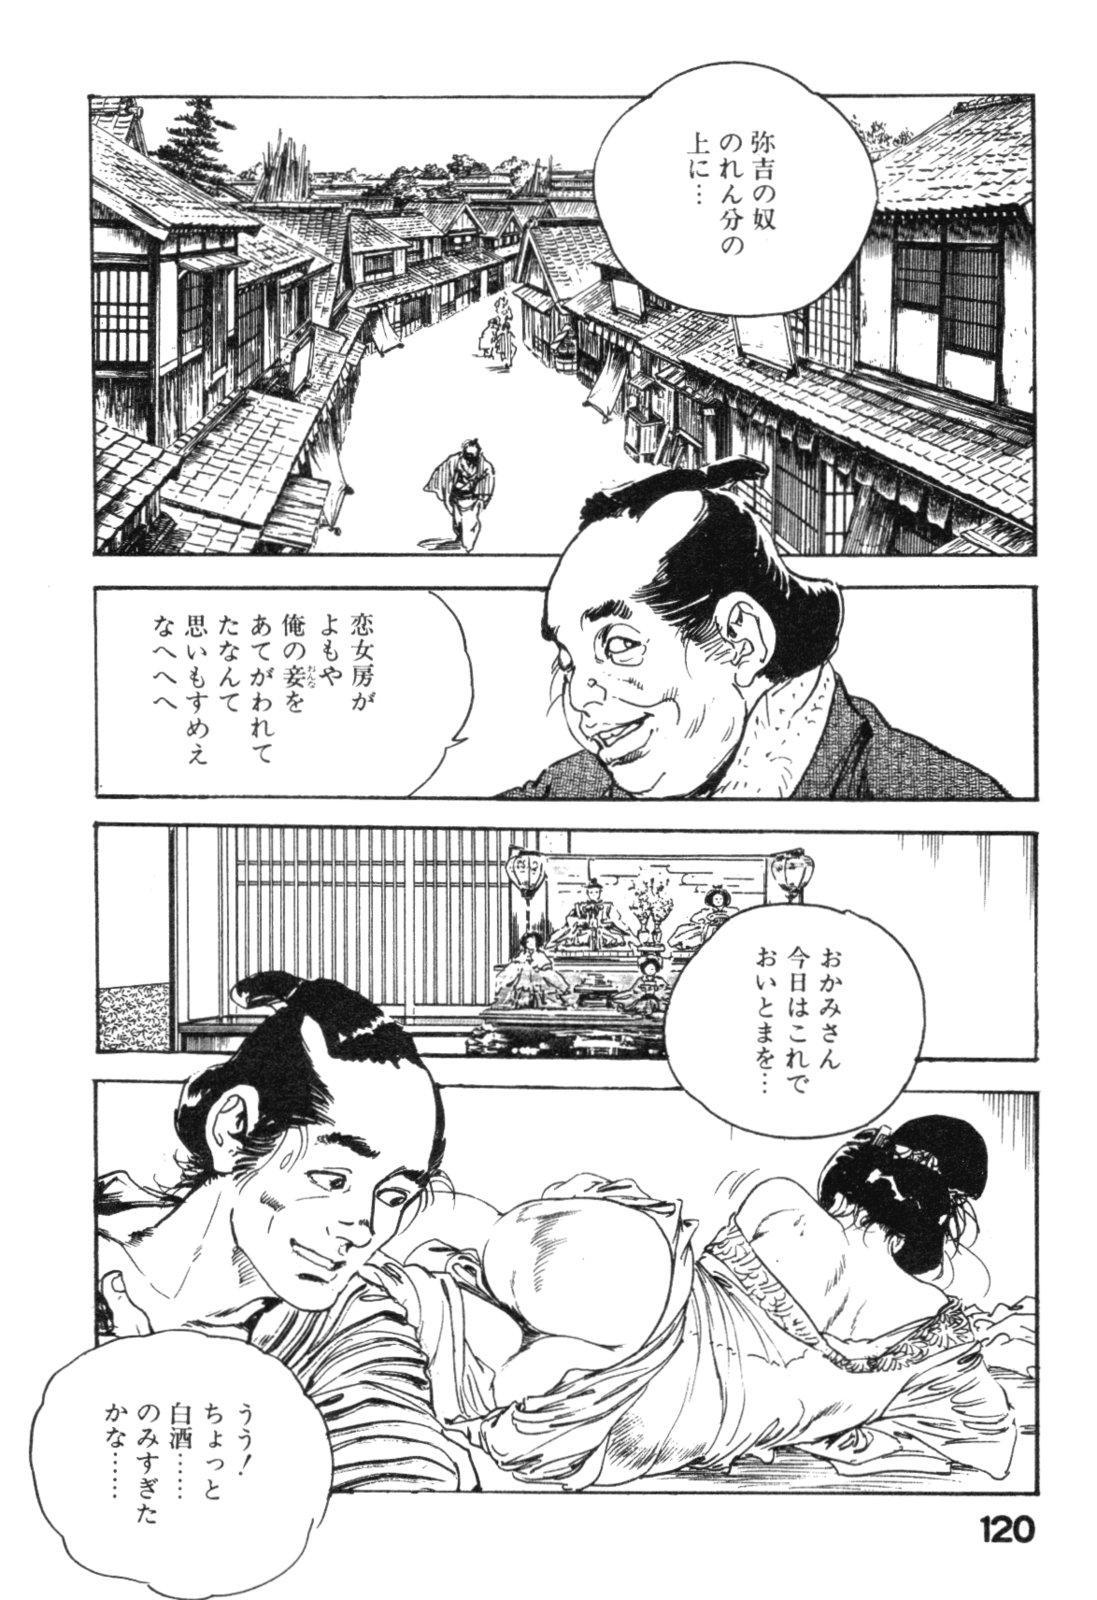 Jidaigeki Series 2 ~ Midare Kannon 122